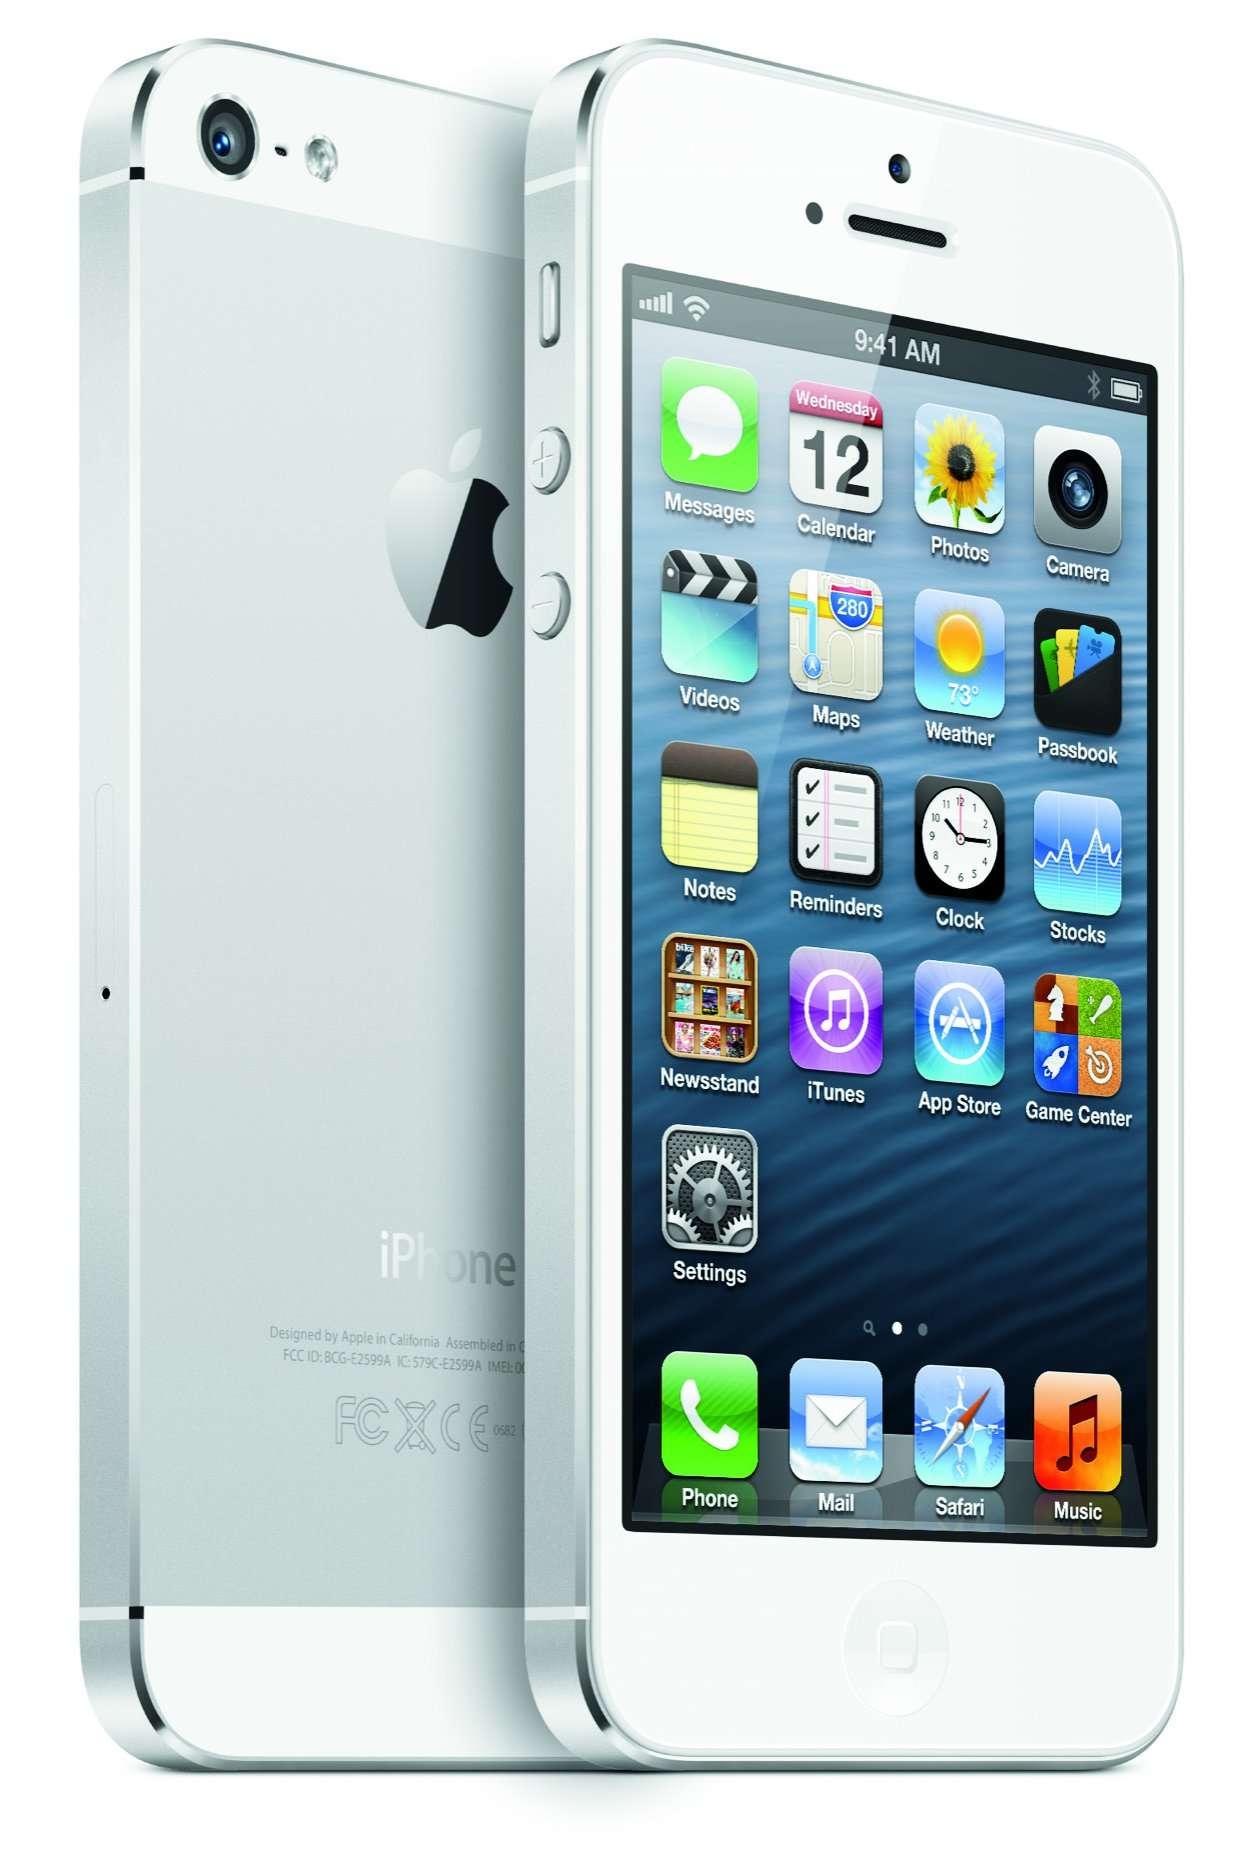 Pour la 4G, l'iPhone 5 est calé sur les fréquences nord-américaines mais pas sur celles utilisées en Europe. © Apple